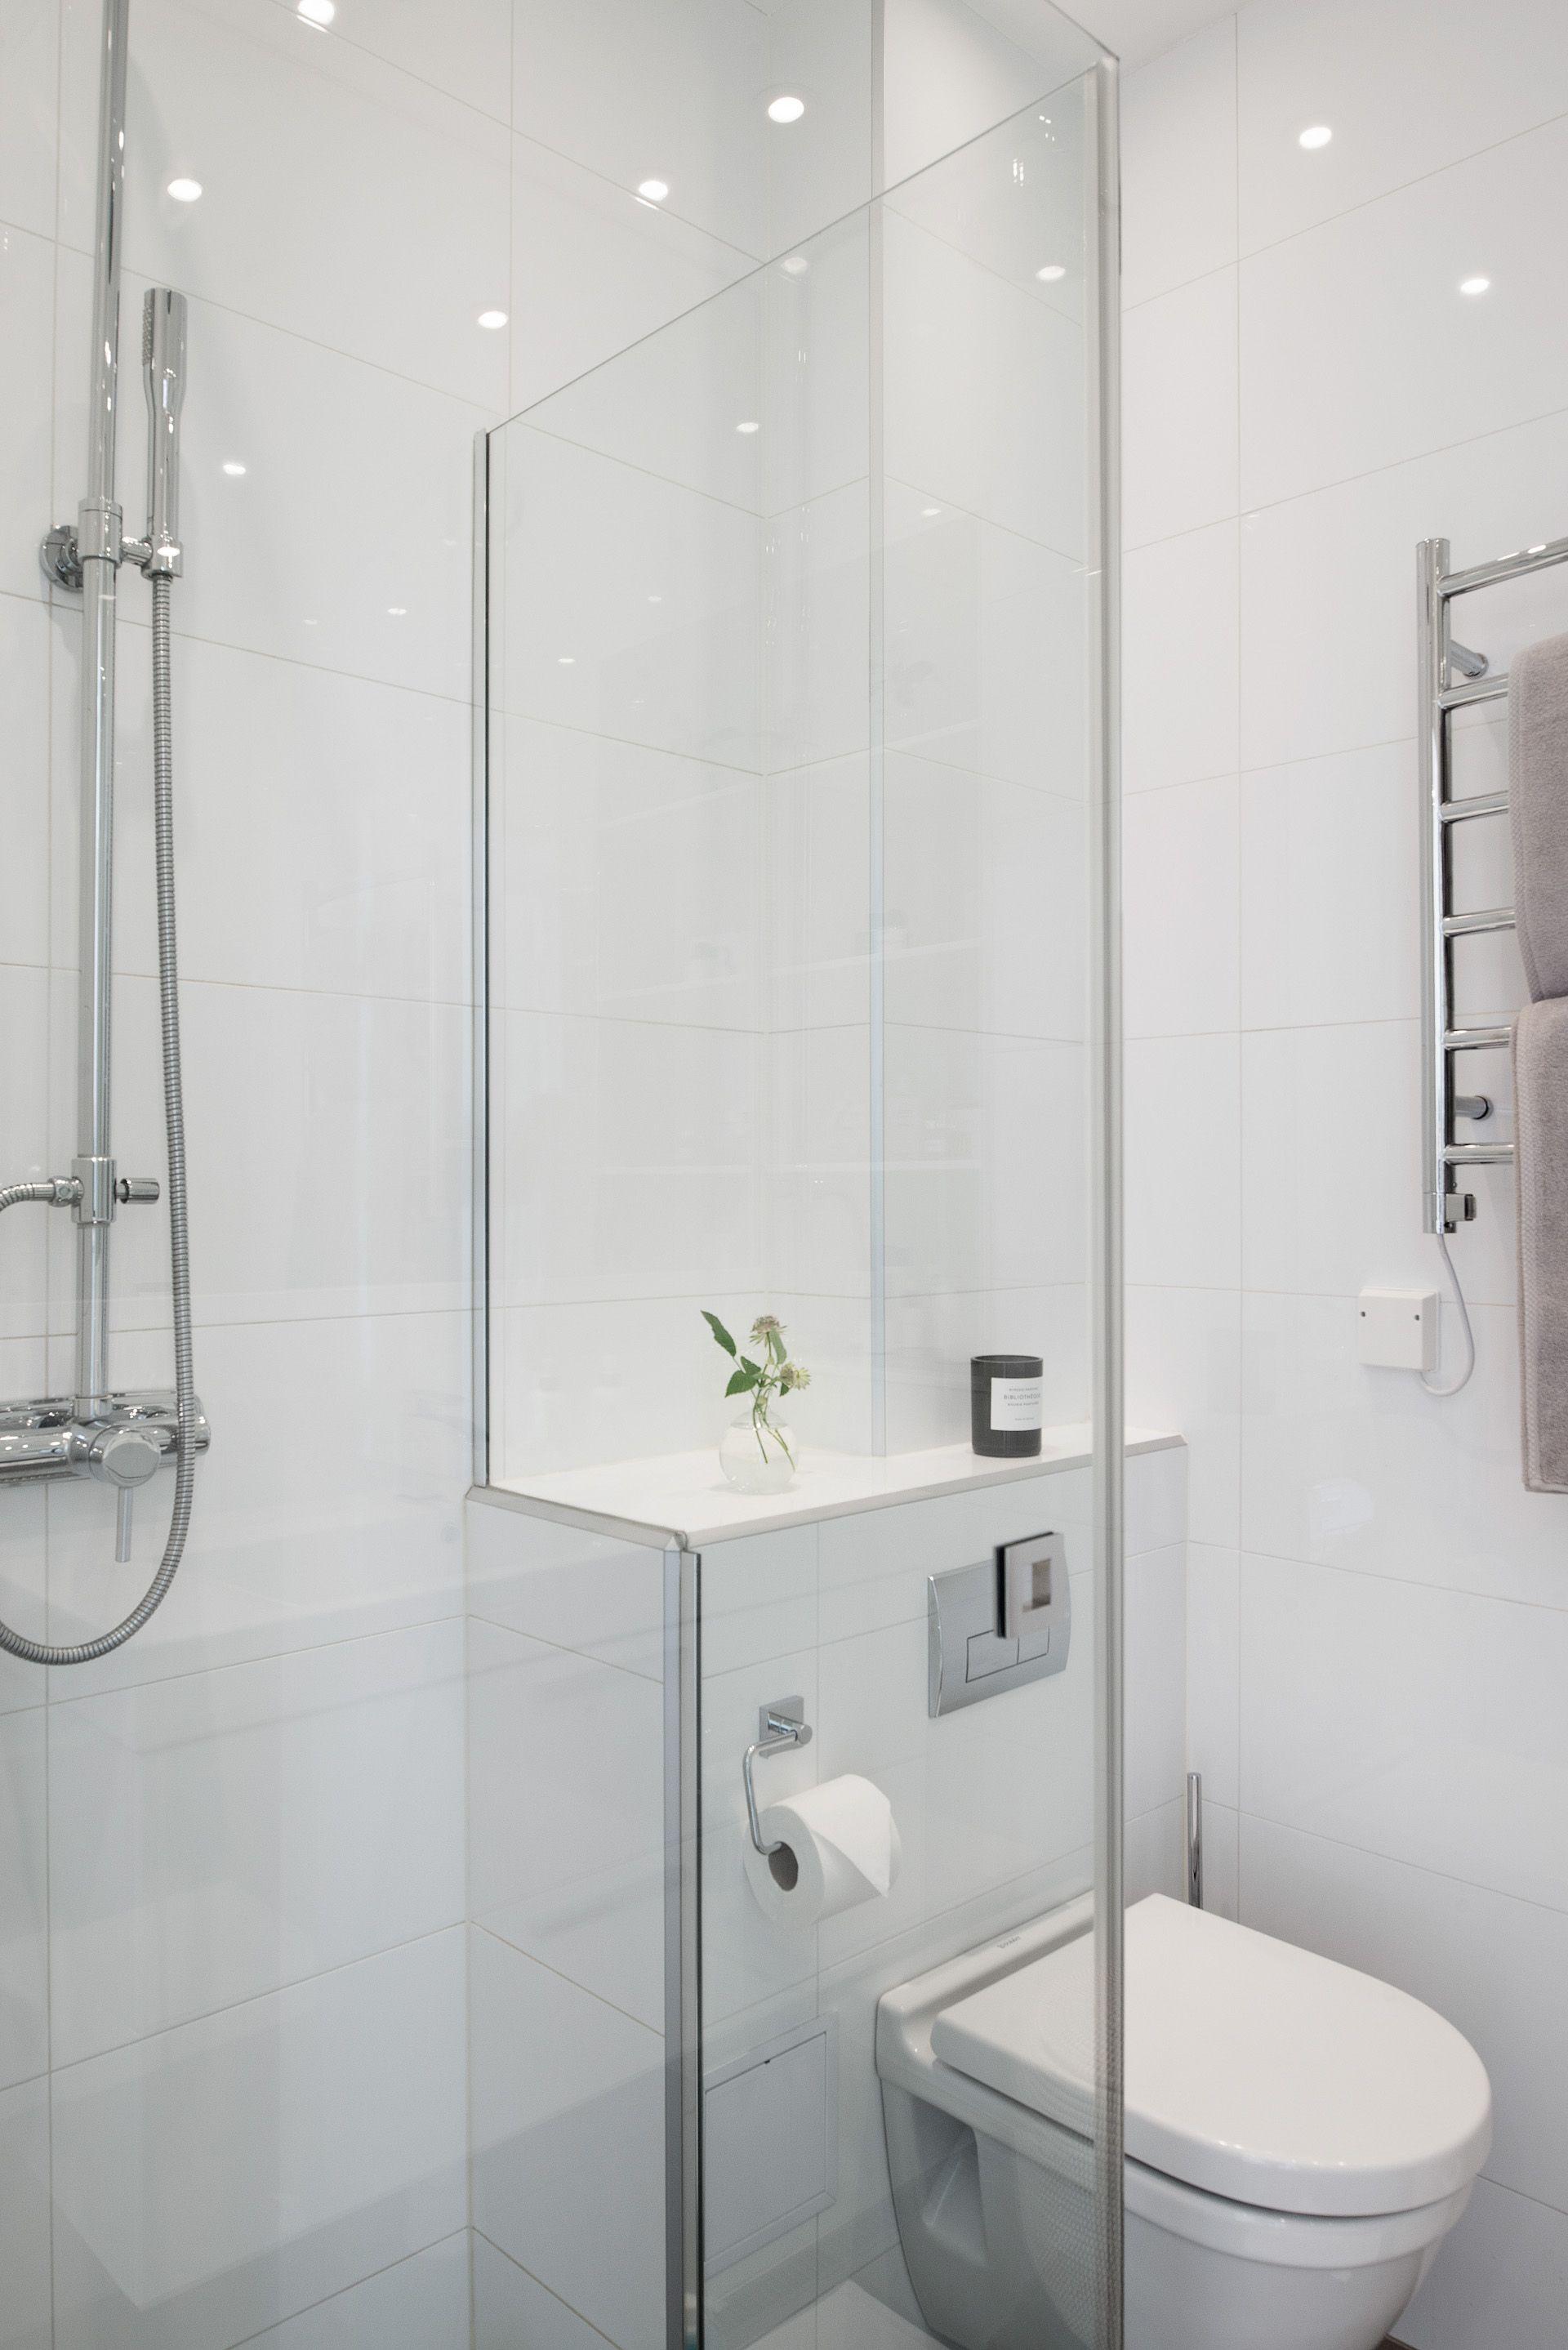 Eriksbergsgatan 34, 1 tr | Decoracion baños, Baños ...